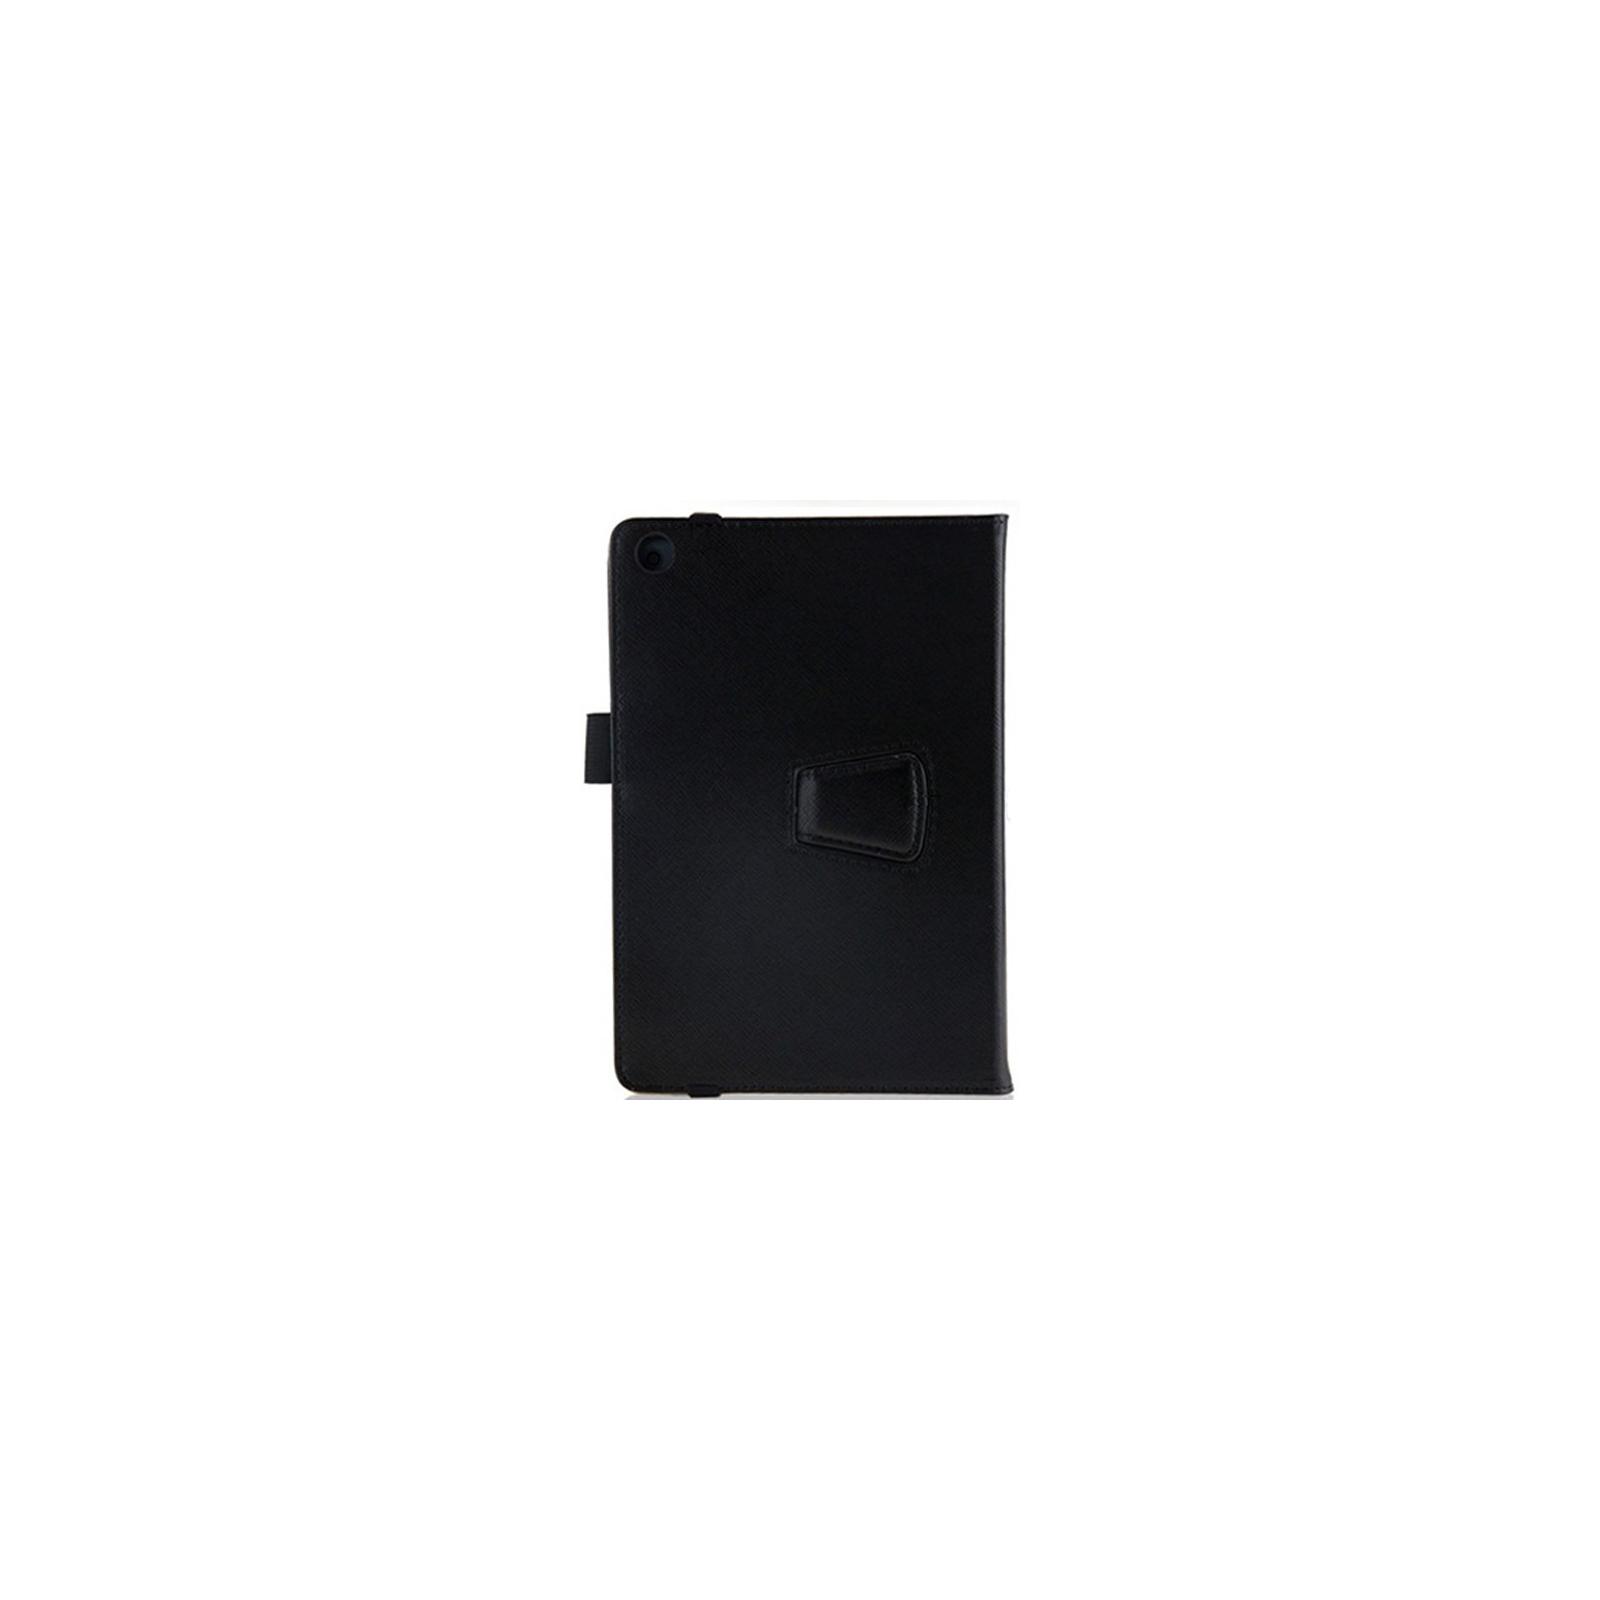 """Чехол для планшета iPearl 7,9"""" iPad Mini black (PCUT5TW) изображение 3"""